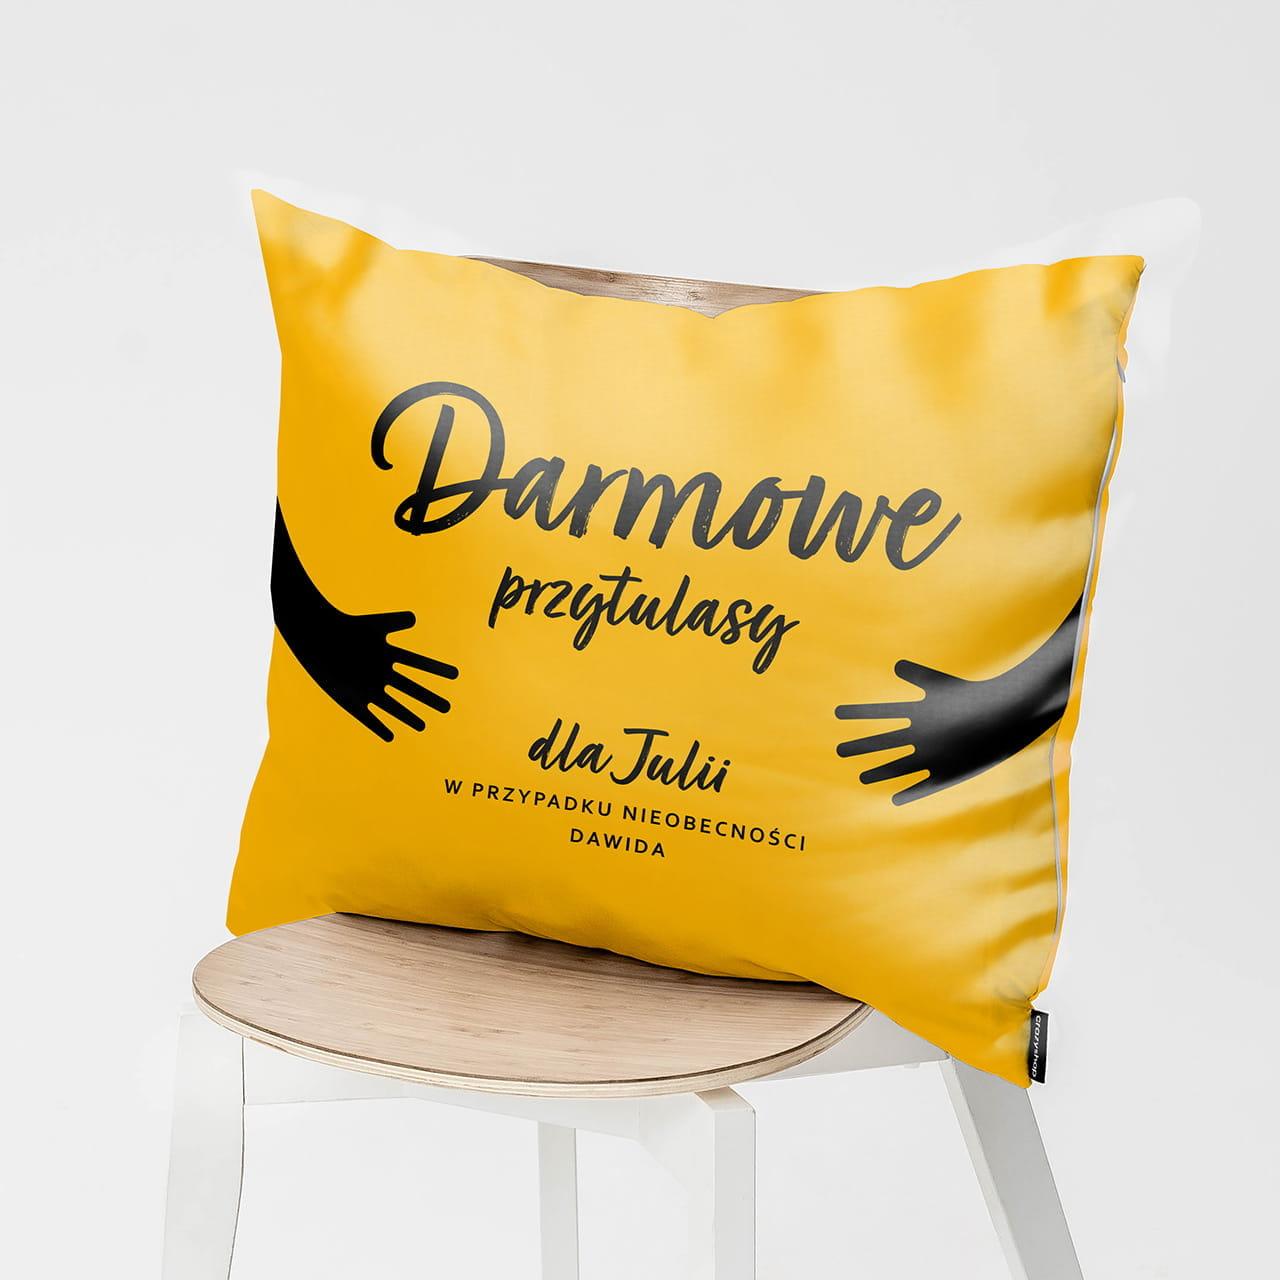 Personalizowana poduszka jako sympatyczny prezent na pożegnanie przed wyjazdem